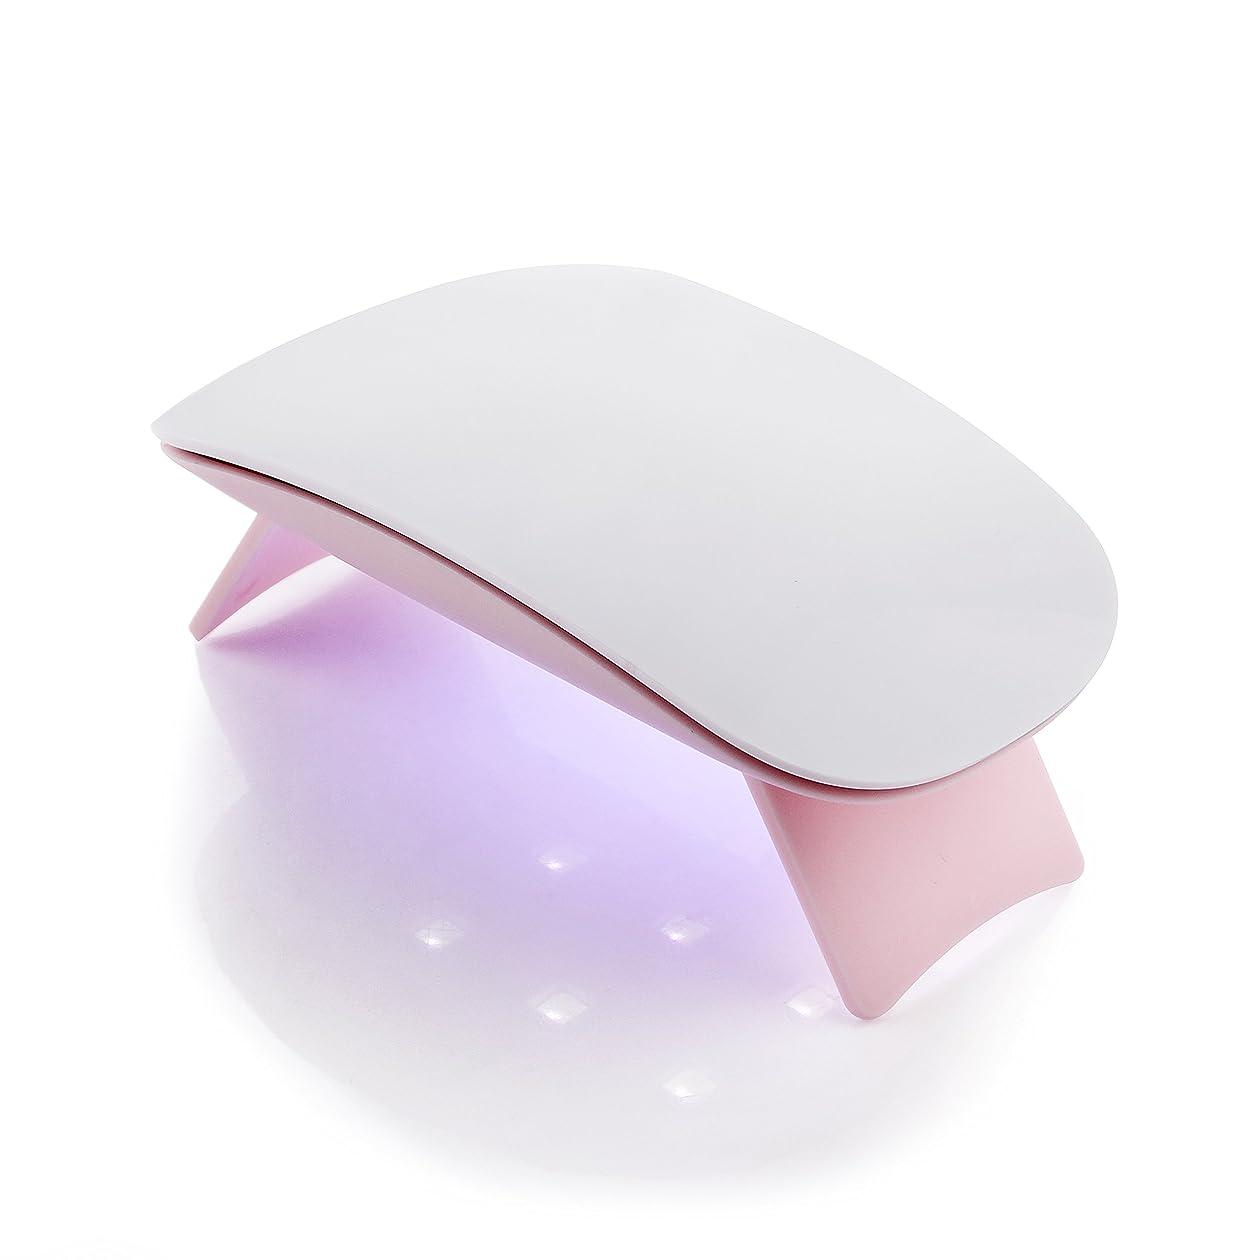 言うまでもなく鯨を必要としていますMakartt 6W UV ジェルネイルLEDライト? 超ミニ USB式ネイルドライヤー ネイル硬化用ライト 赤外線検知